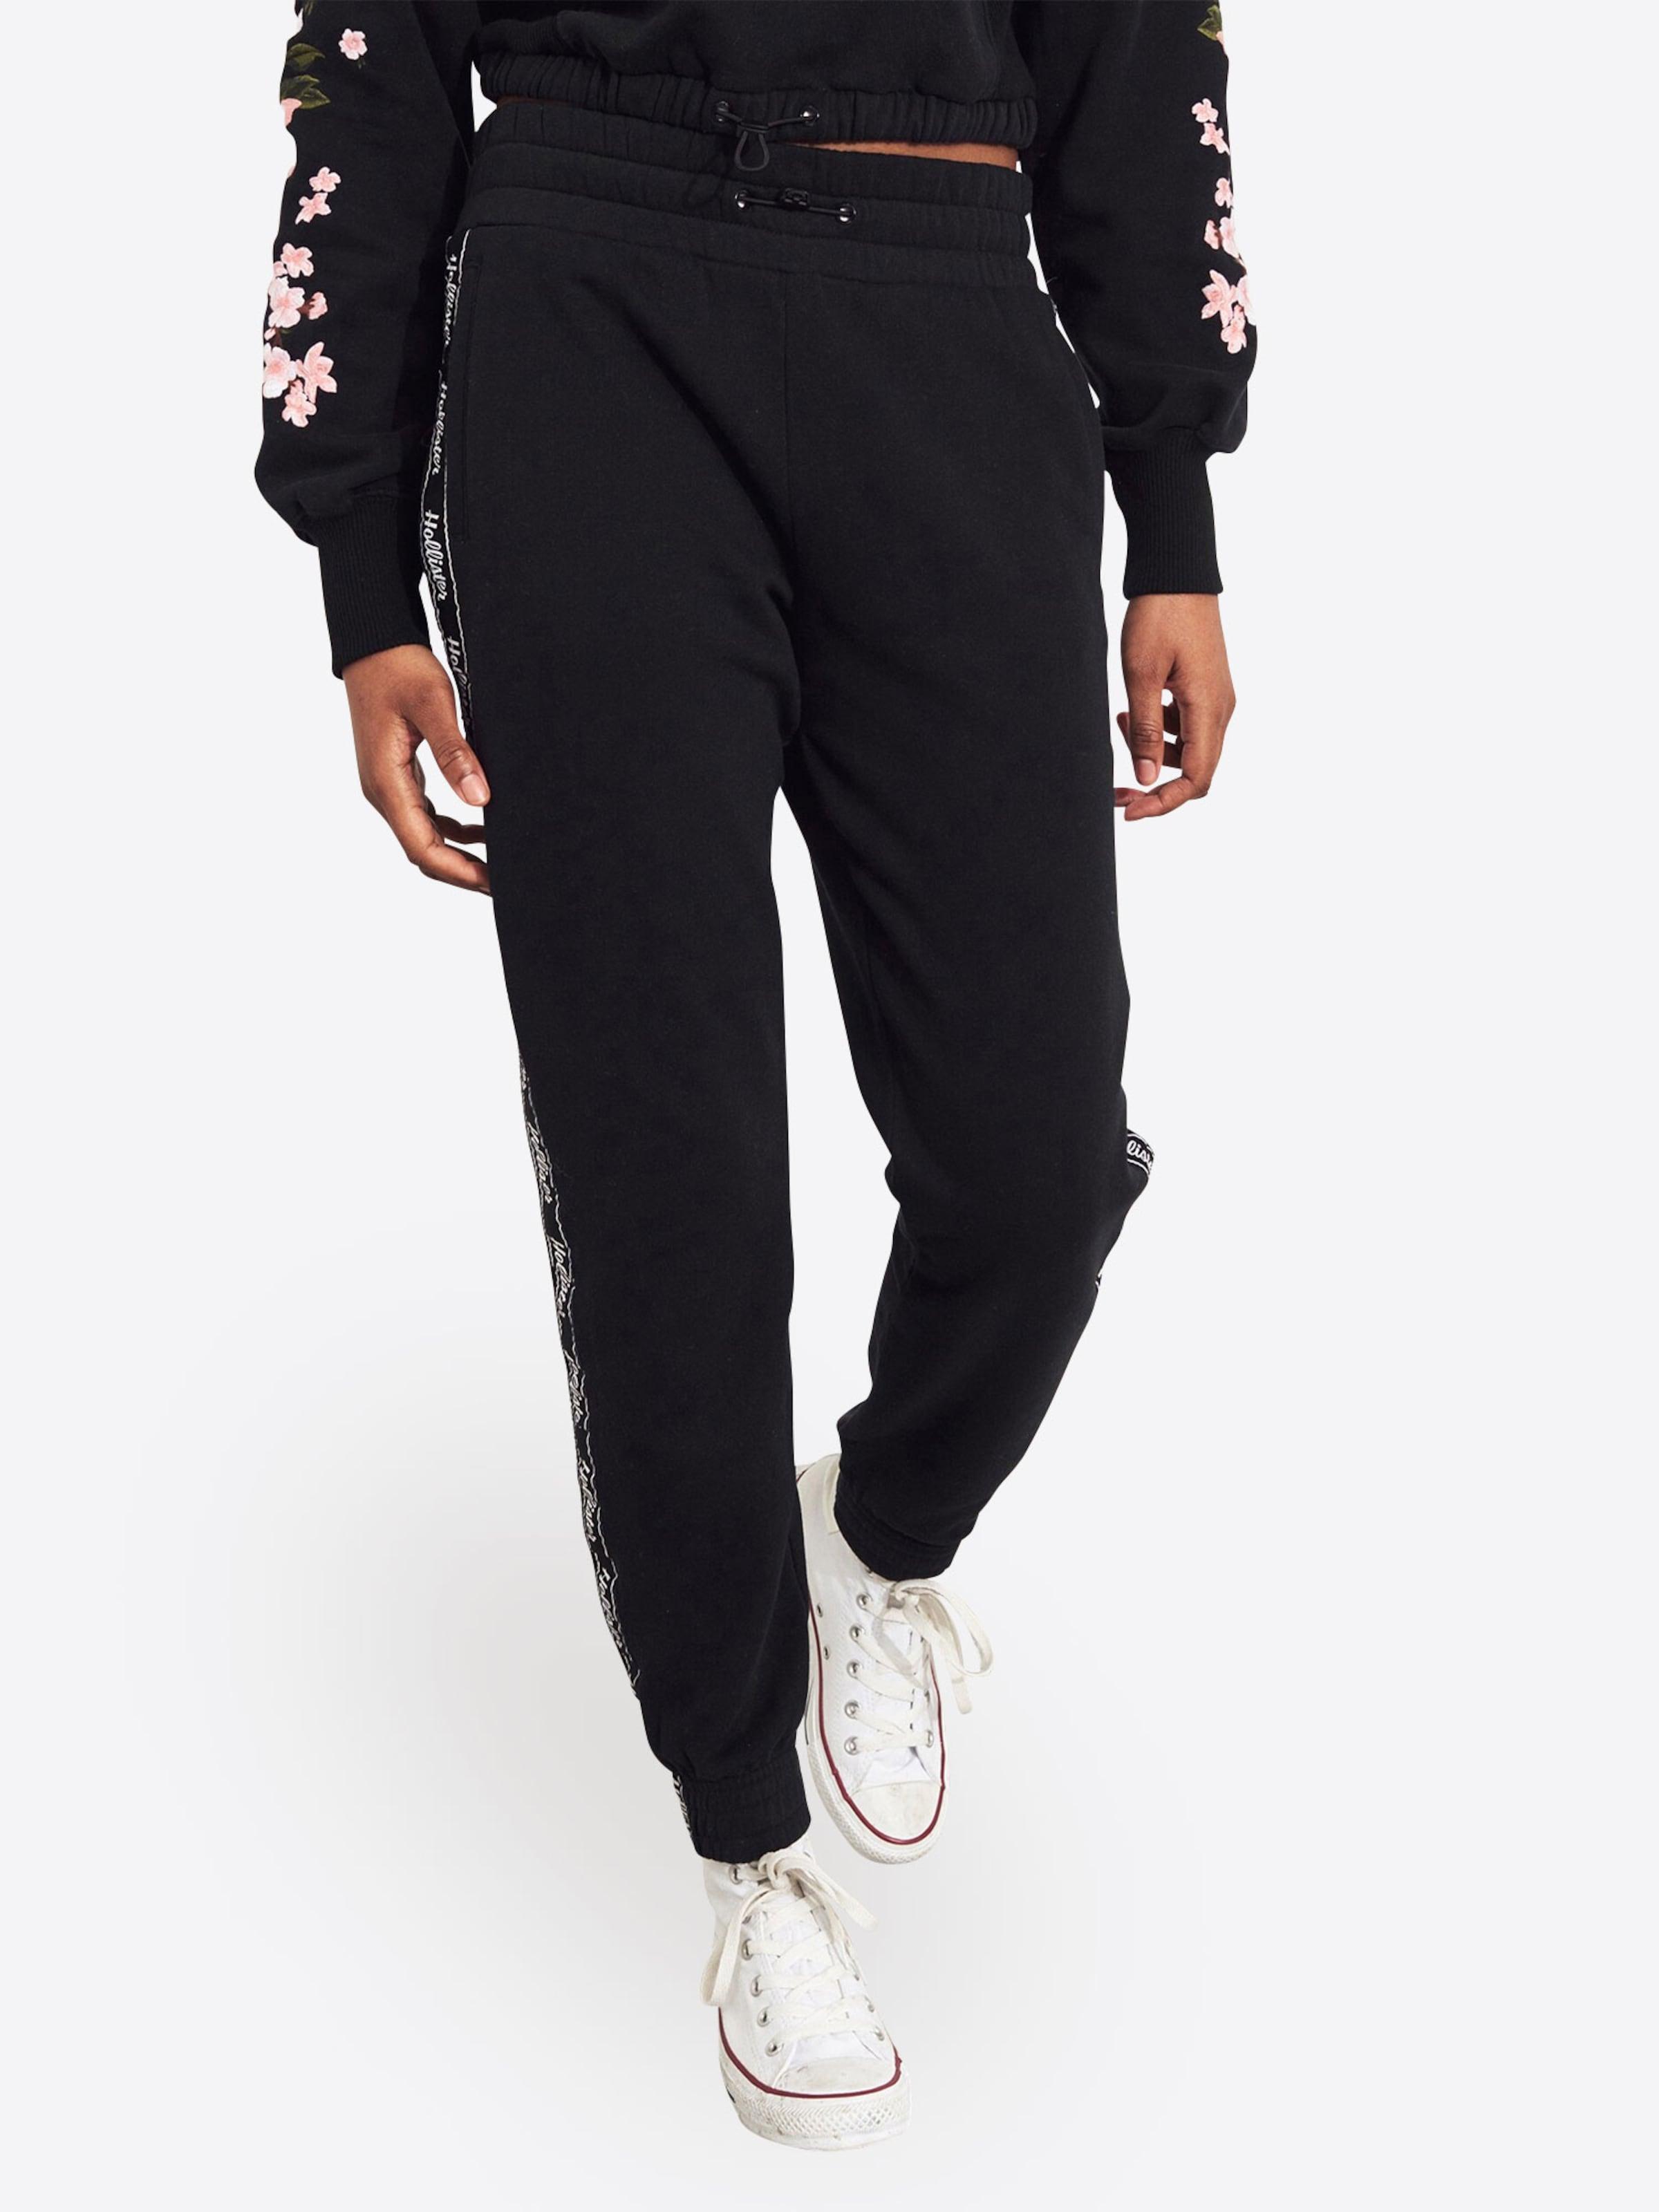 Pantalon Hollister Pantalon Noir En Pantalon En Noir Hollister En Hollister Ivb7gmYf6y